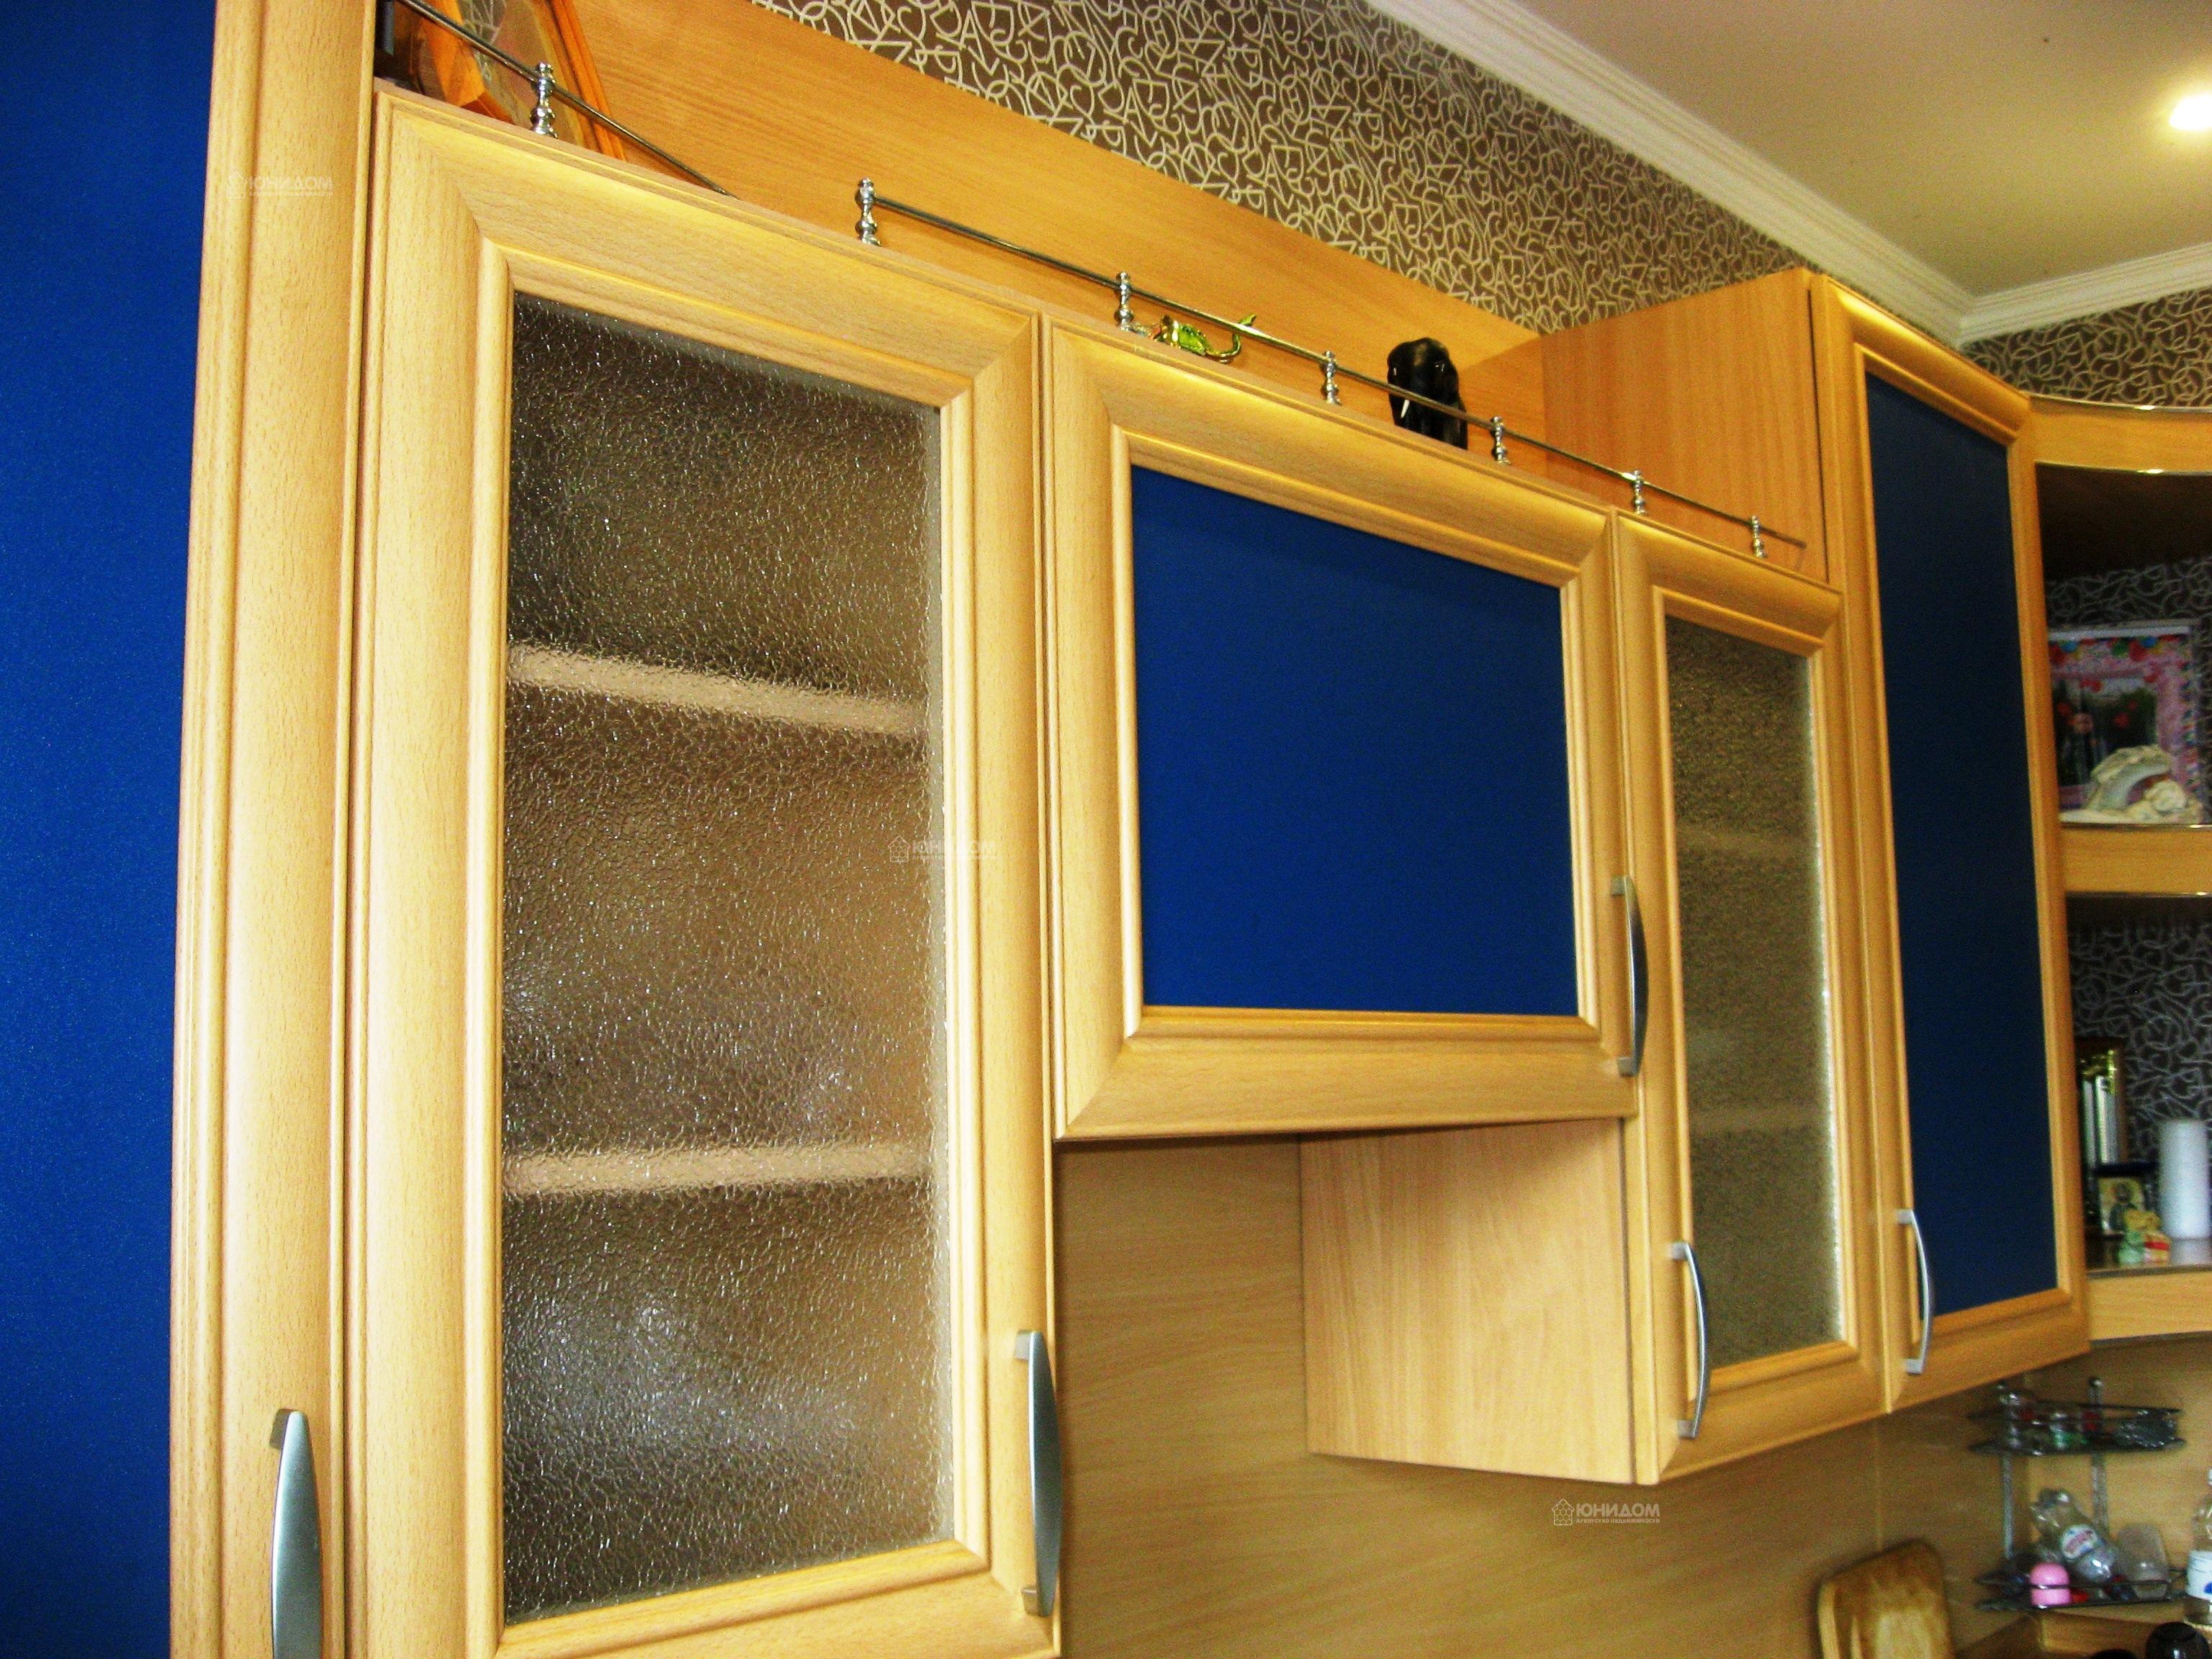 Продам 3-комн. квартиру по адресу Россия, Тюменская область, Тюмень, Беловежская 7 к1 фото 7 по выгодной цене